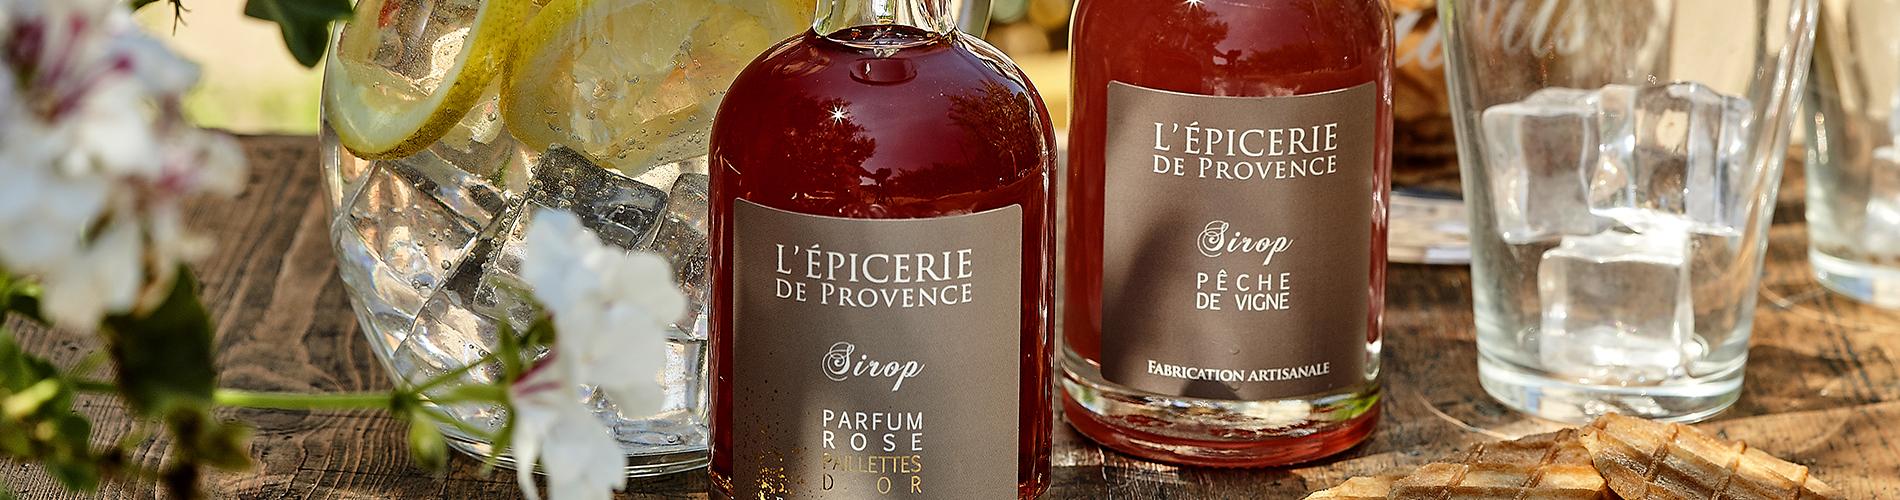 BANNIERE-EDP L'Épicerie de Provence